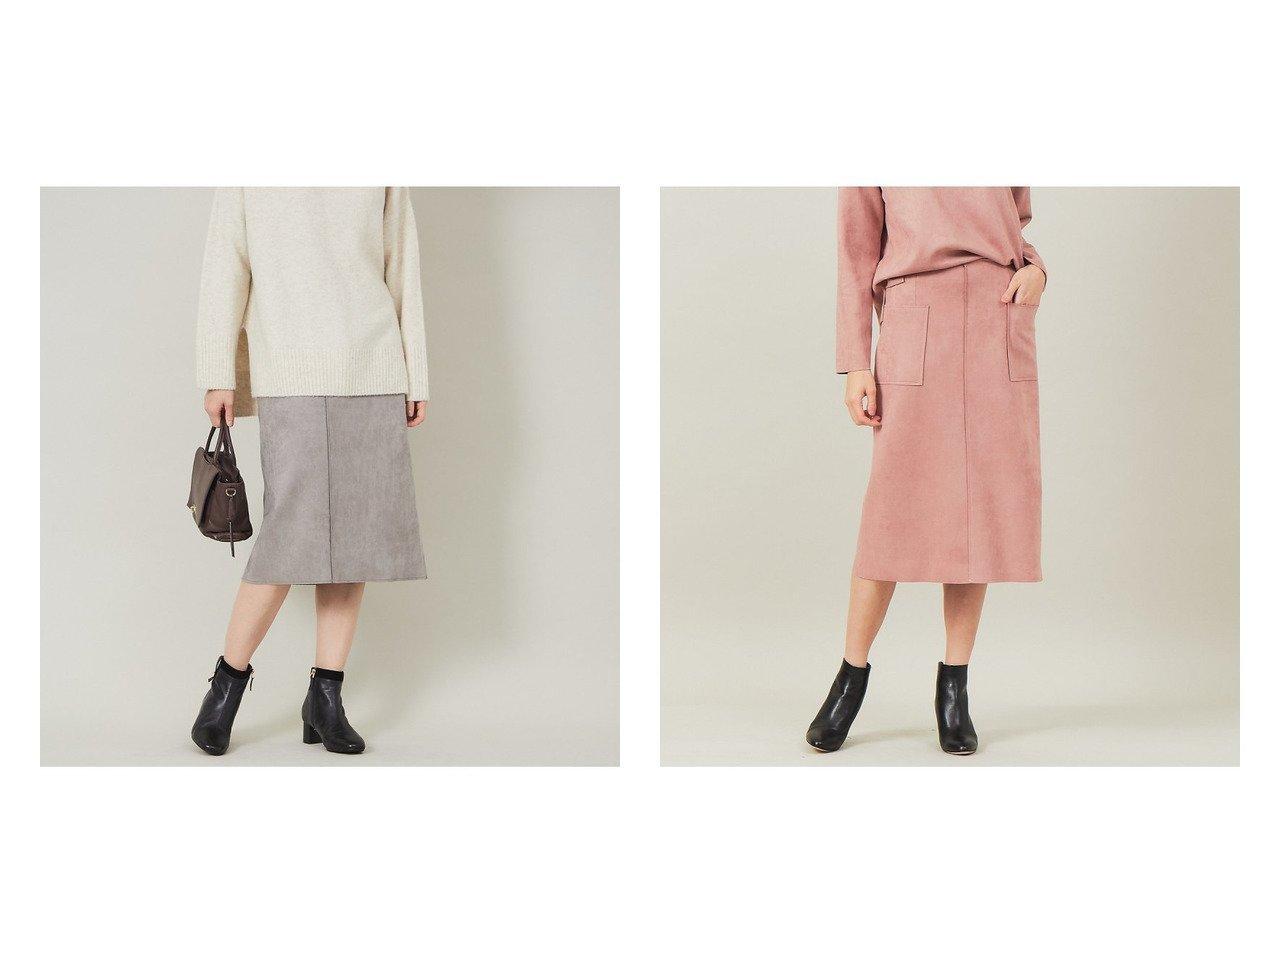 【abahouse mavie/アバハウスマヴィ】の【追加新色】ecru フェイクスエードタイトスカート スカートのおすすめ!人気、トレンド・レディースファッションの通販 おすすめで人気の流行・トレンド、ファッションの通販商品 メンズファッション・キッズファッション・インテリア・家具・レディースファッション・服の通販 founy(ファニー) https://founy.com/ ファッション Fashion レディースファッション WOMEN スカート Skirt Aライン/フレアスカート Flared A-Line Skirts スエード ストレッチ センター 定番 Standard パーカー ビッグ フェイクスエード フレア フロント ポケット 冬 Winter |ID:crp329100000018919